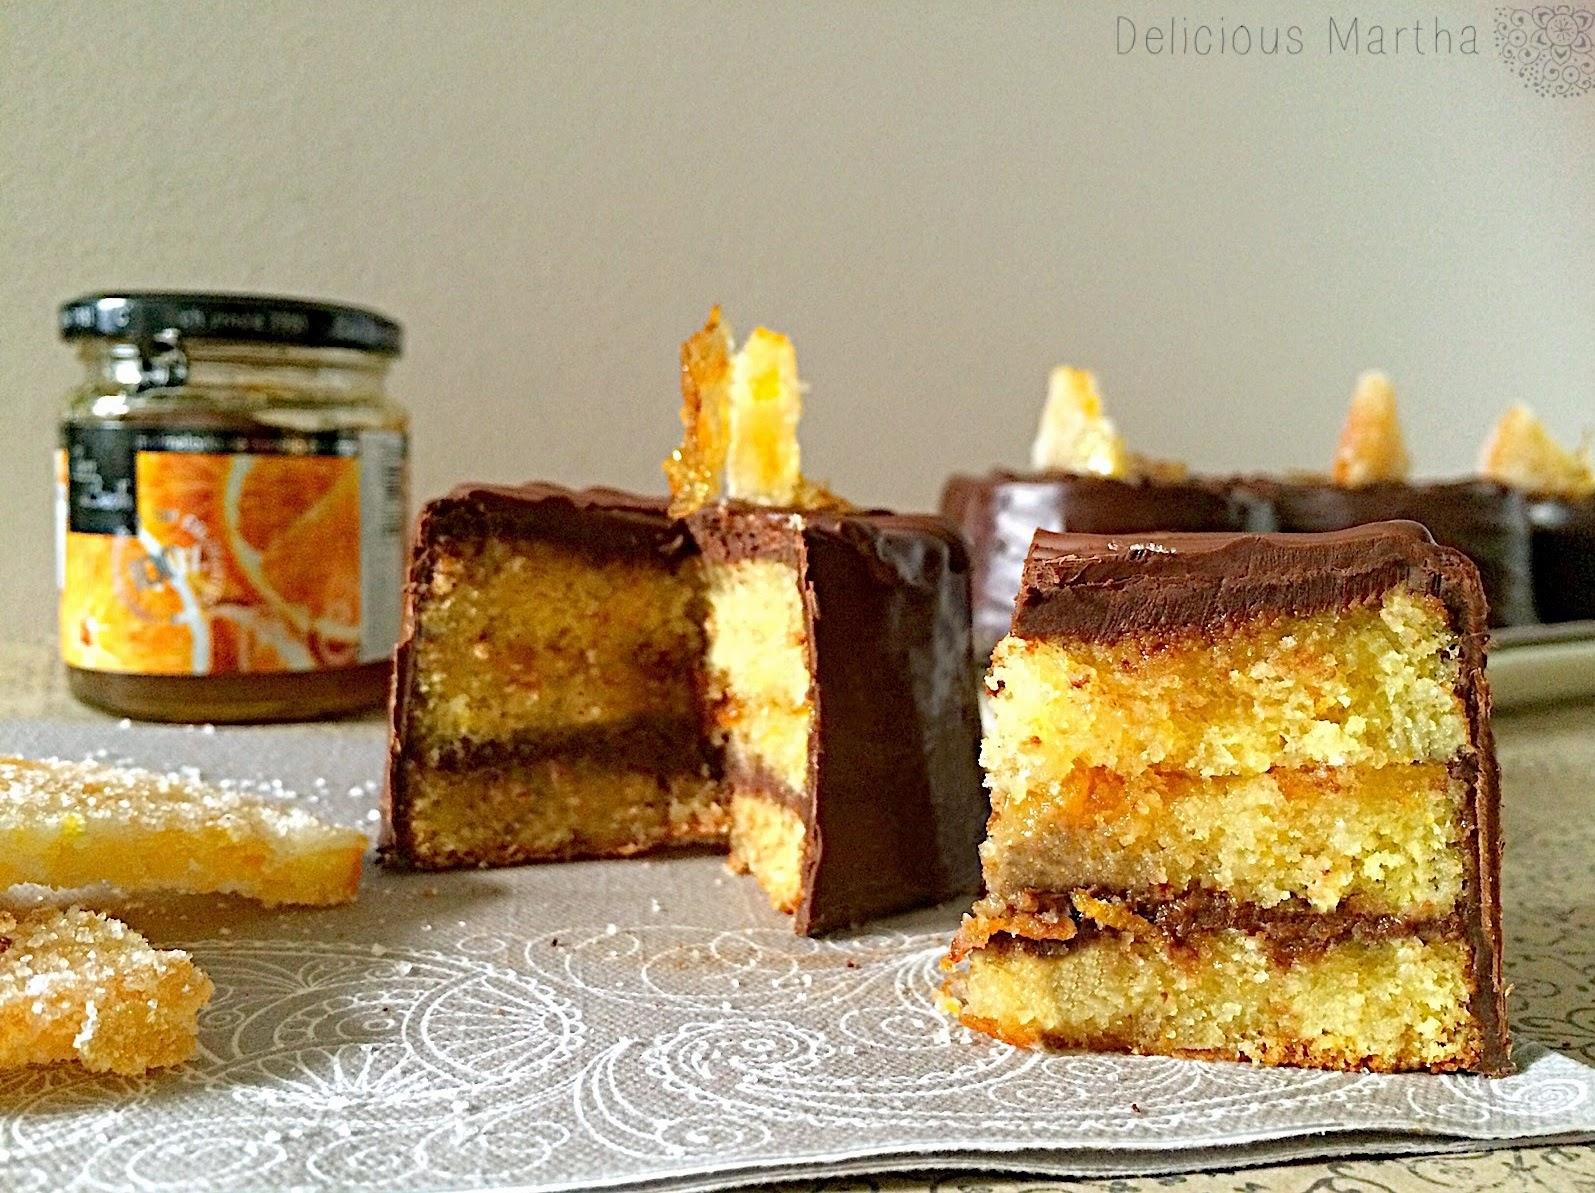 Pastel de chocolate y naranja amarga